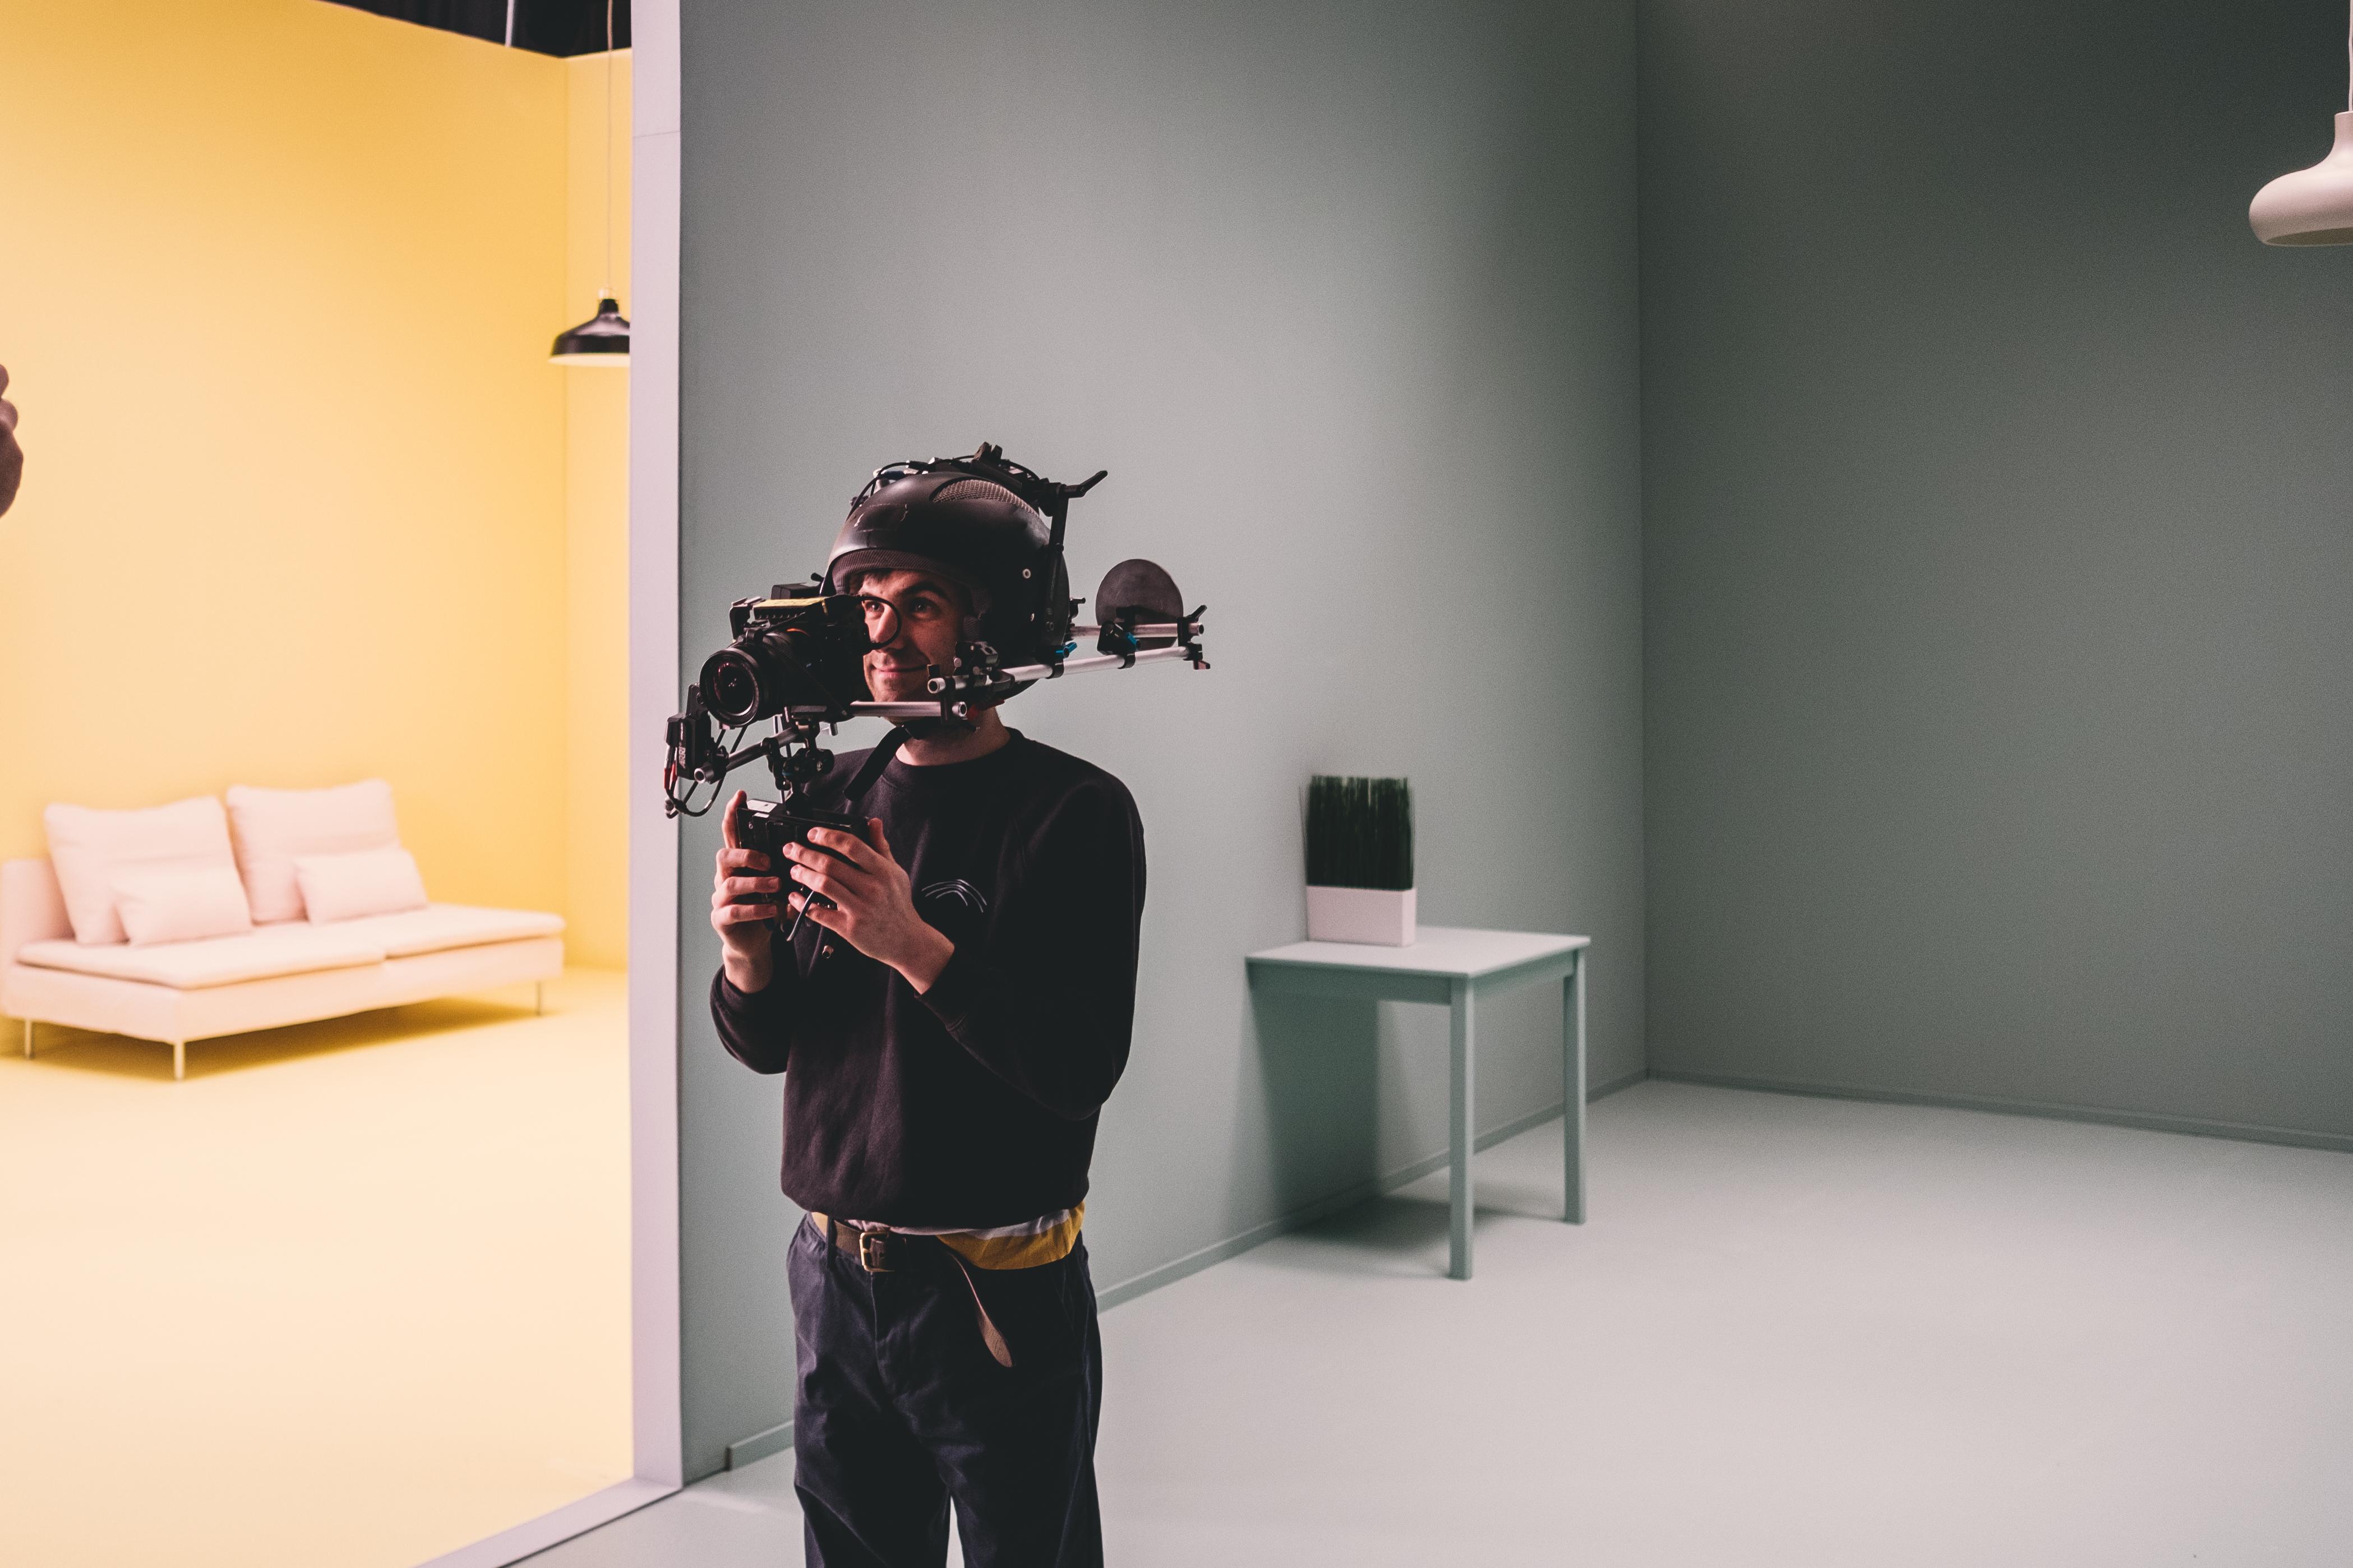 Director, Ben Reed